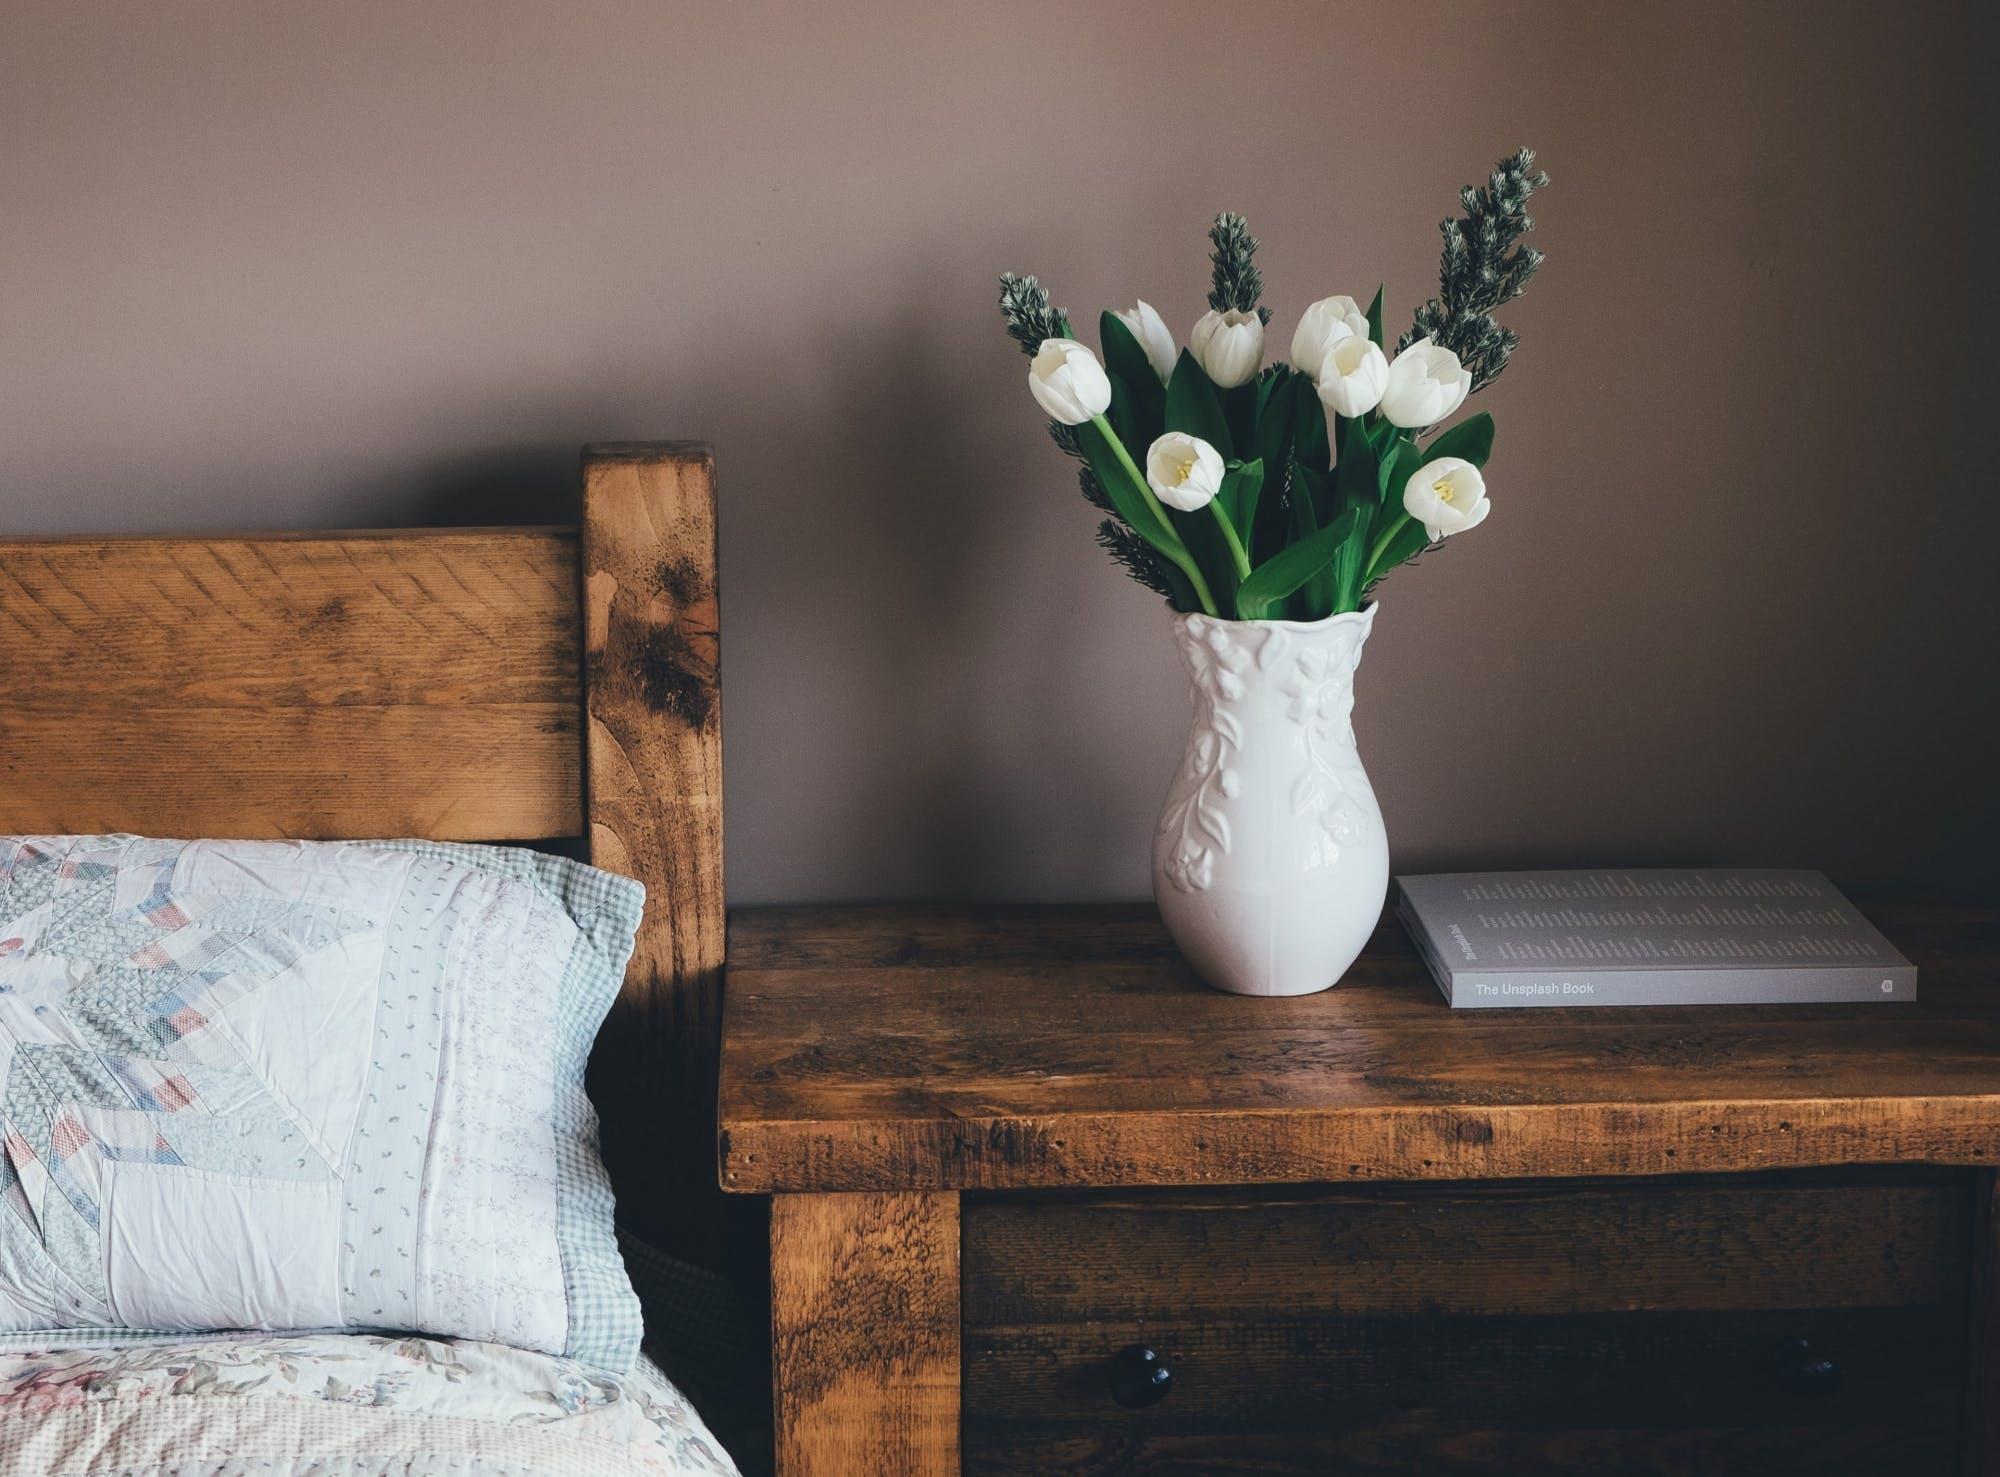 Wooden Materials Bedroom